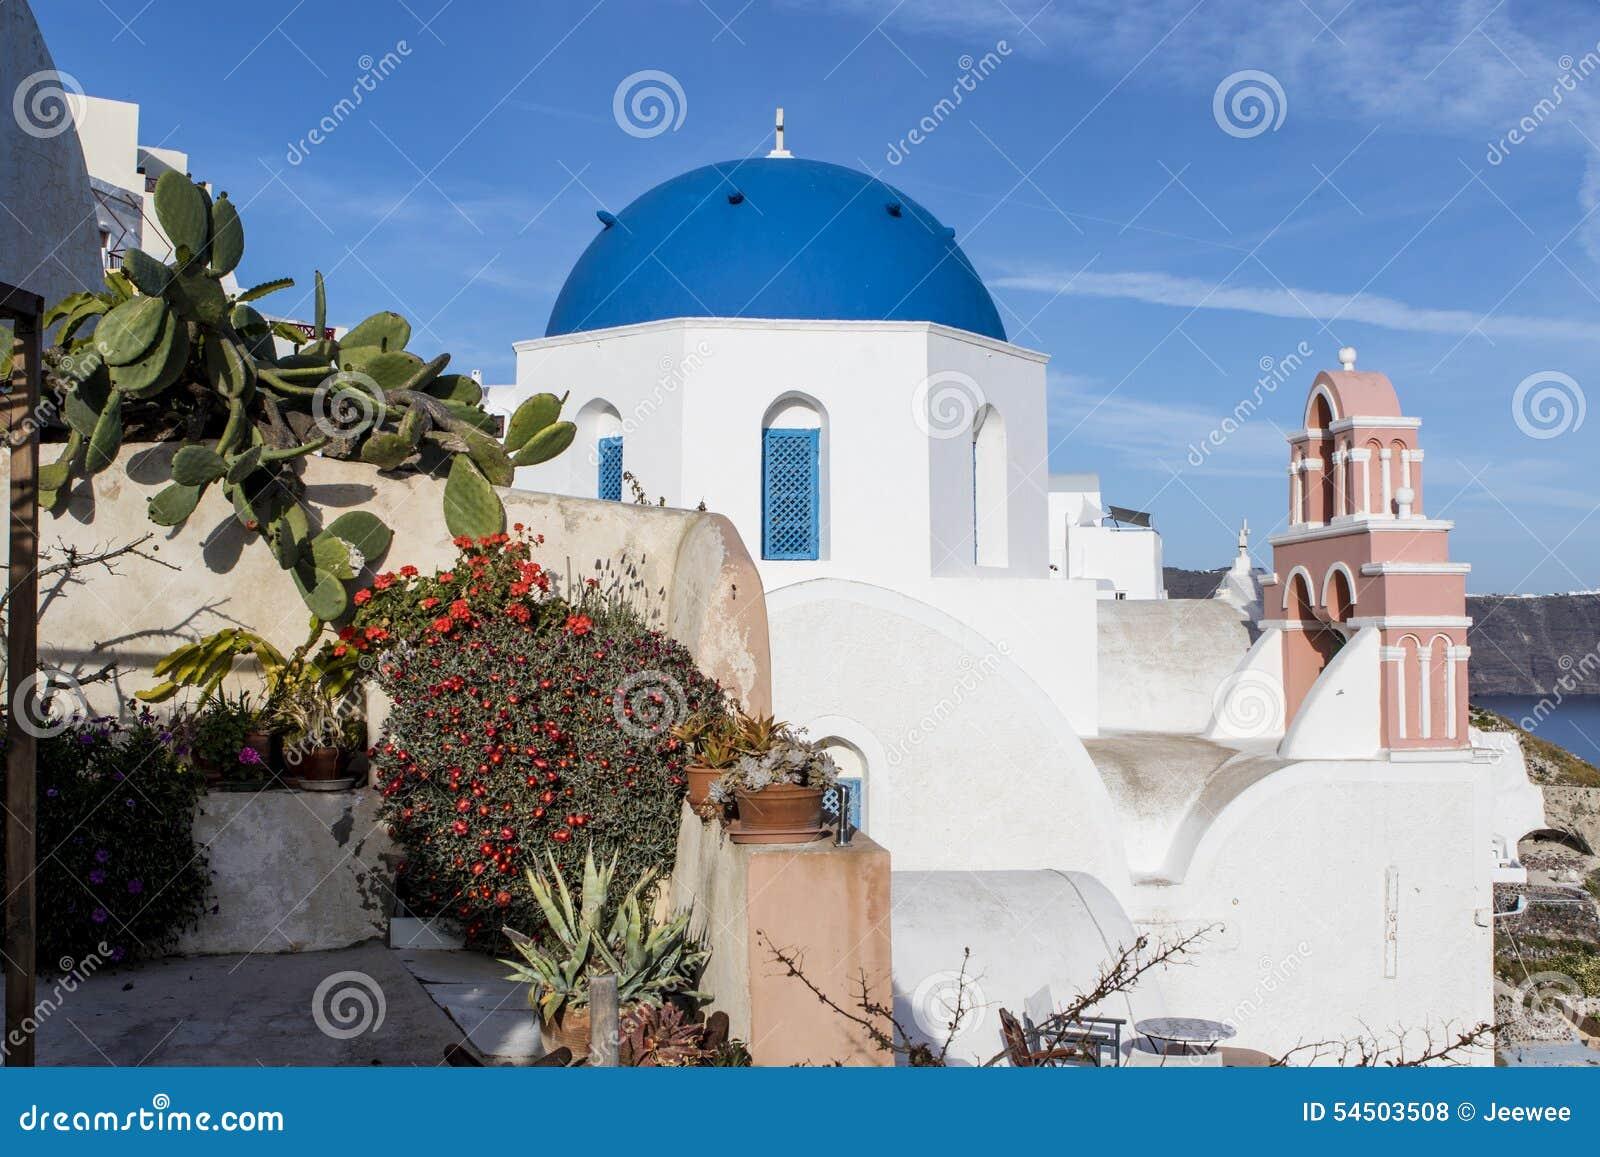 Une petite église orthodoxe grecque blanche avec un toit bleu typique sur la falaise à Oia, Santorini, Cyclades Grèce